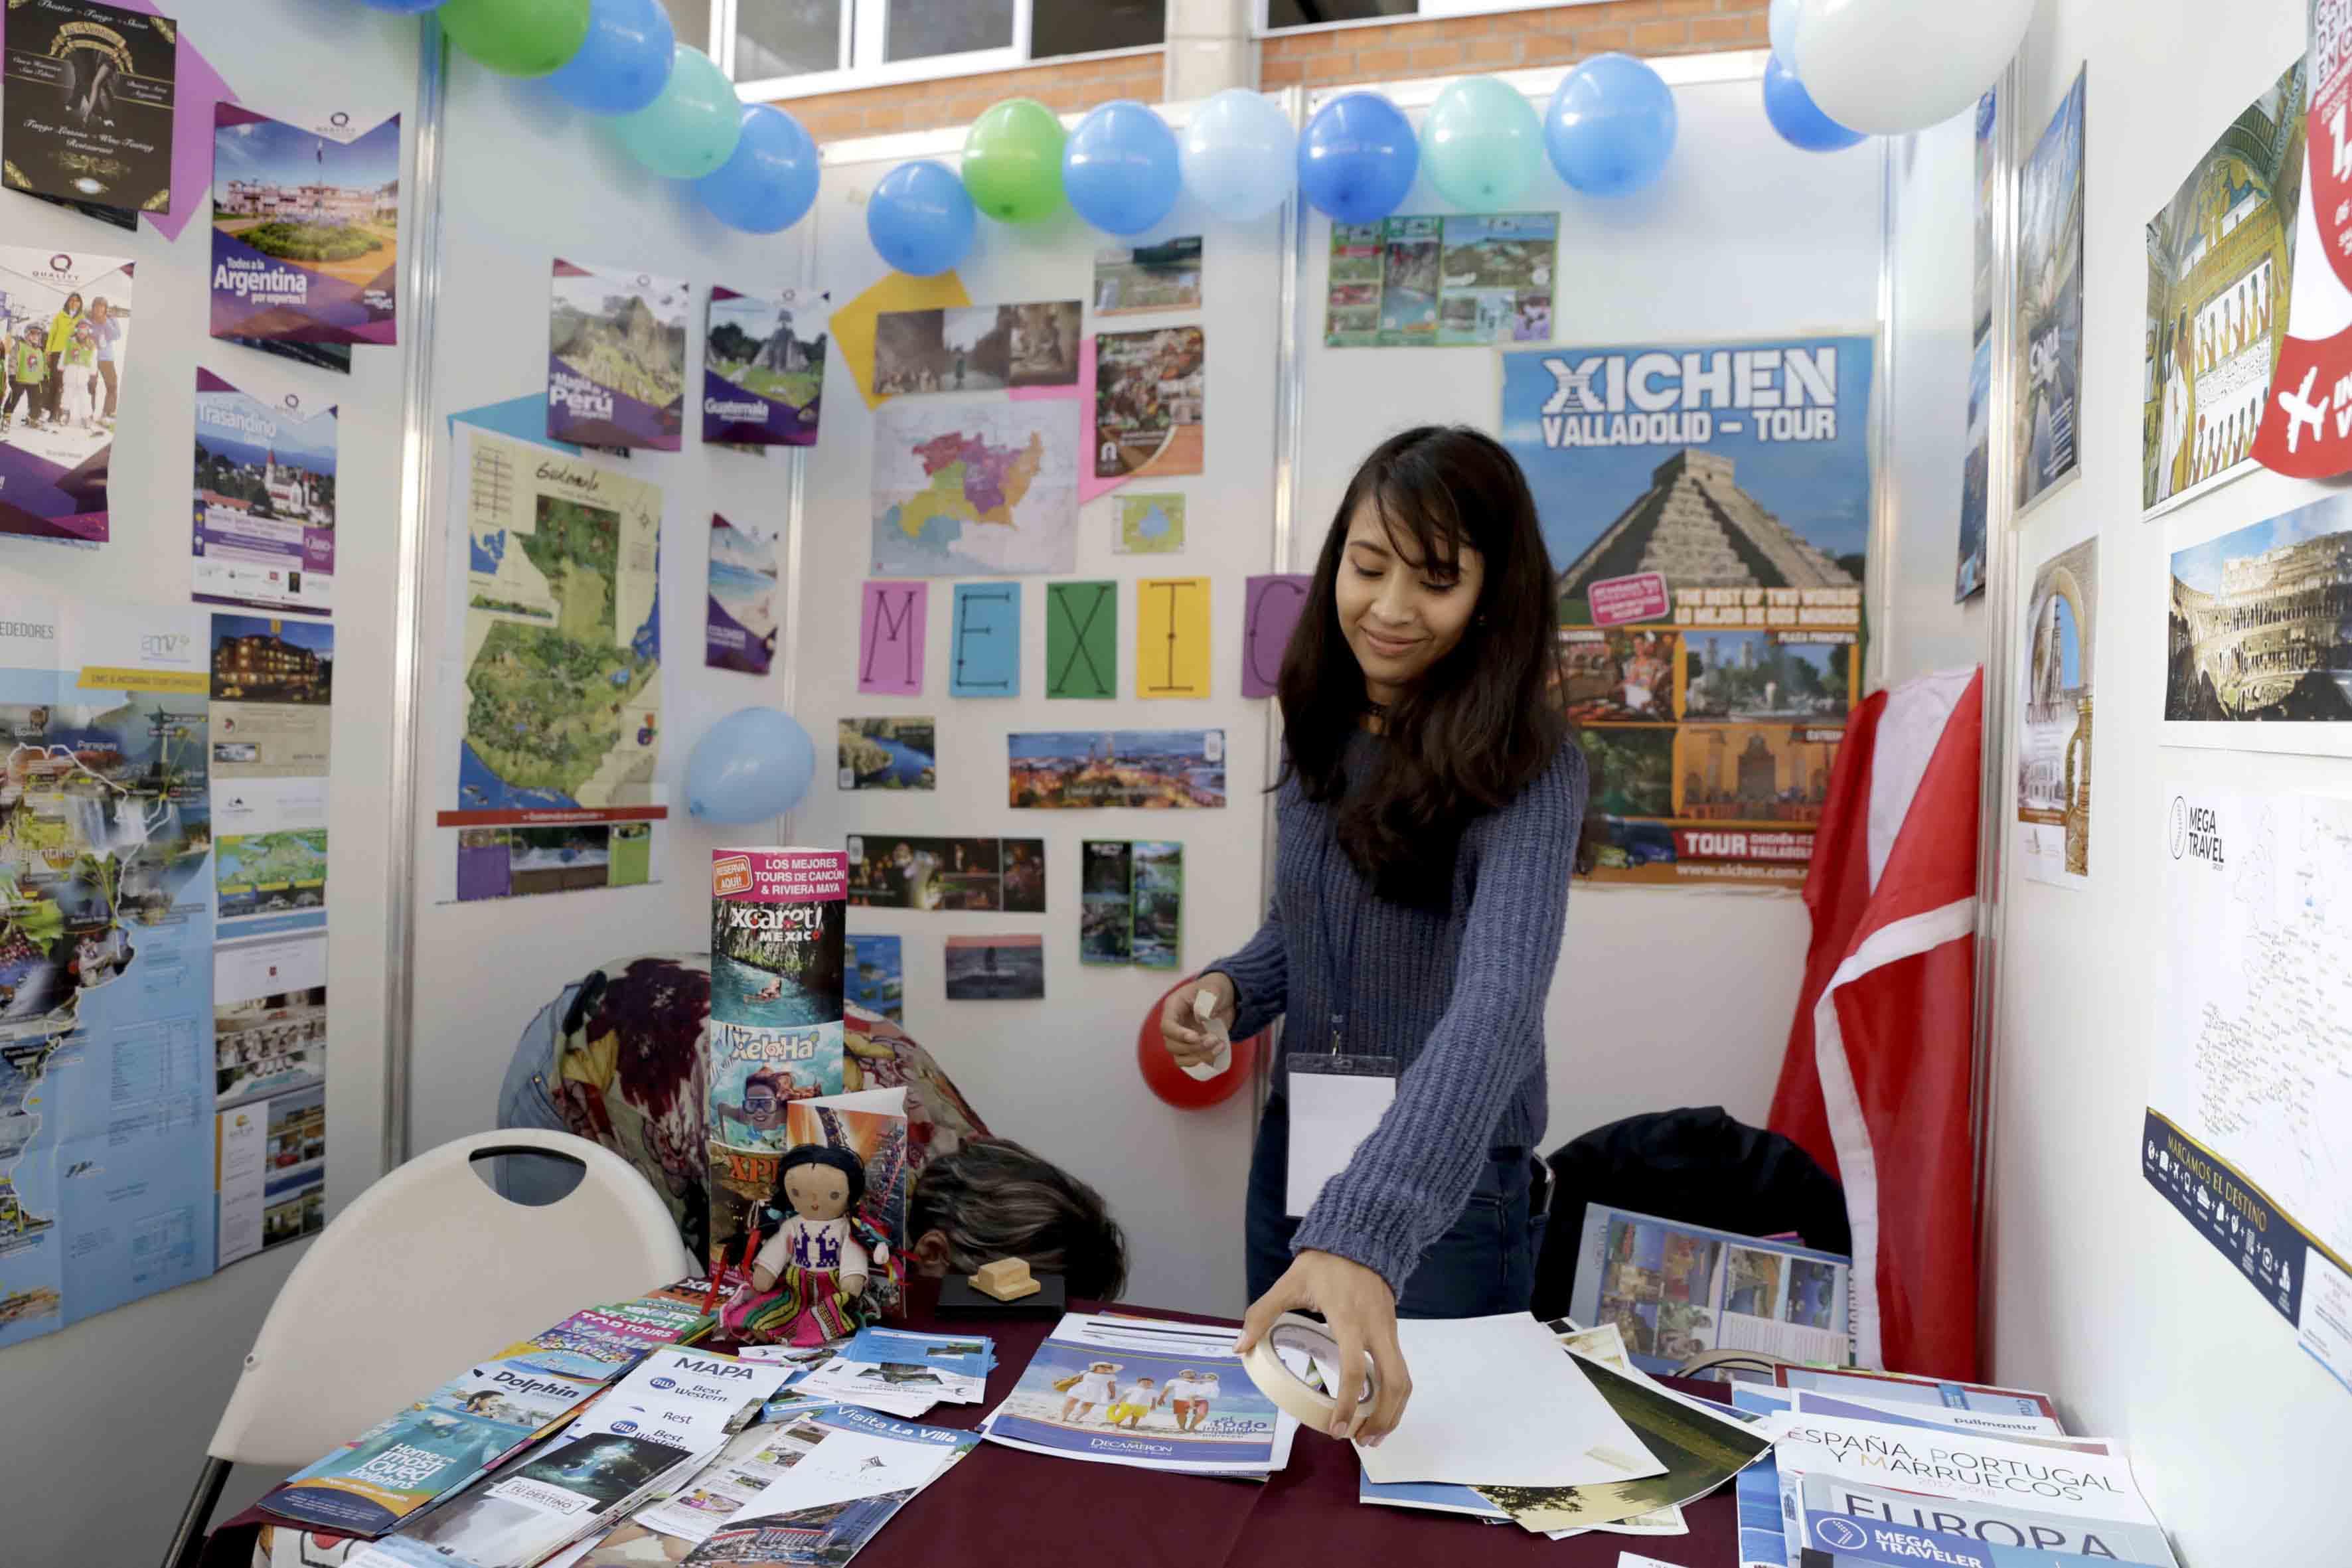 Joven en su stand mostrando sus productos